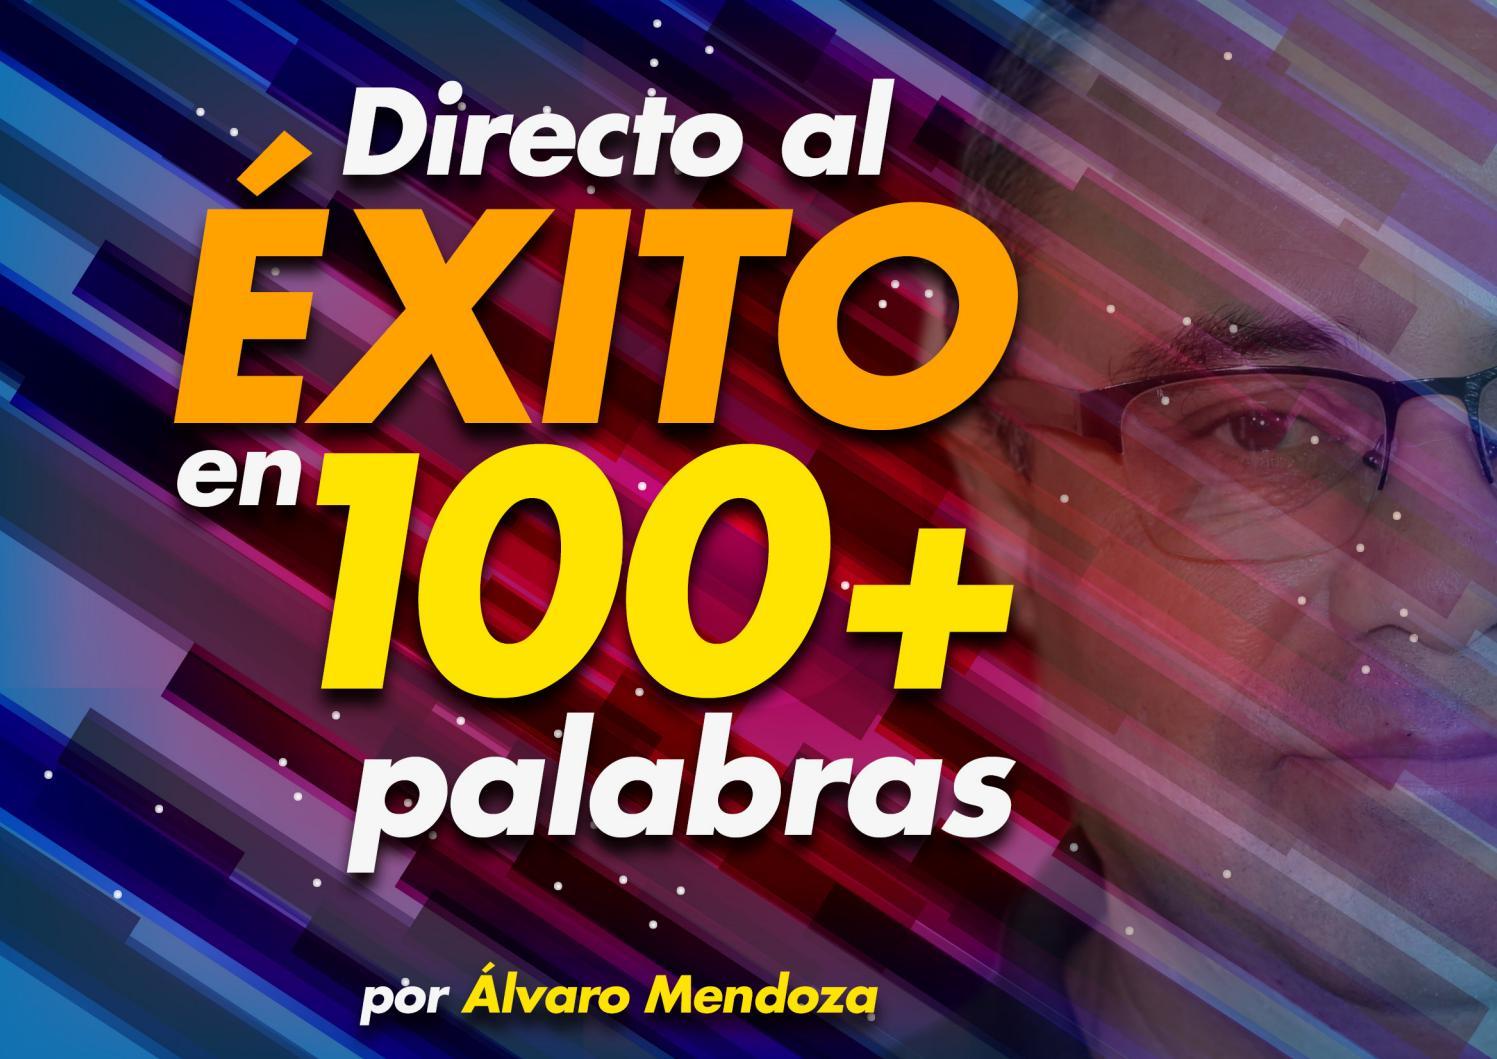 Directo al Exito en 100+ Palabras by mercadeoglobal - issuu